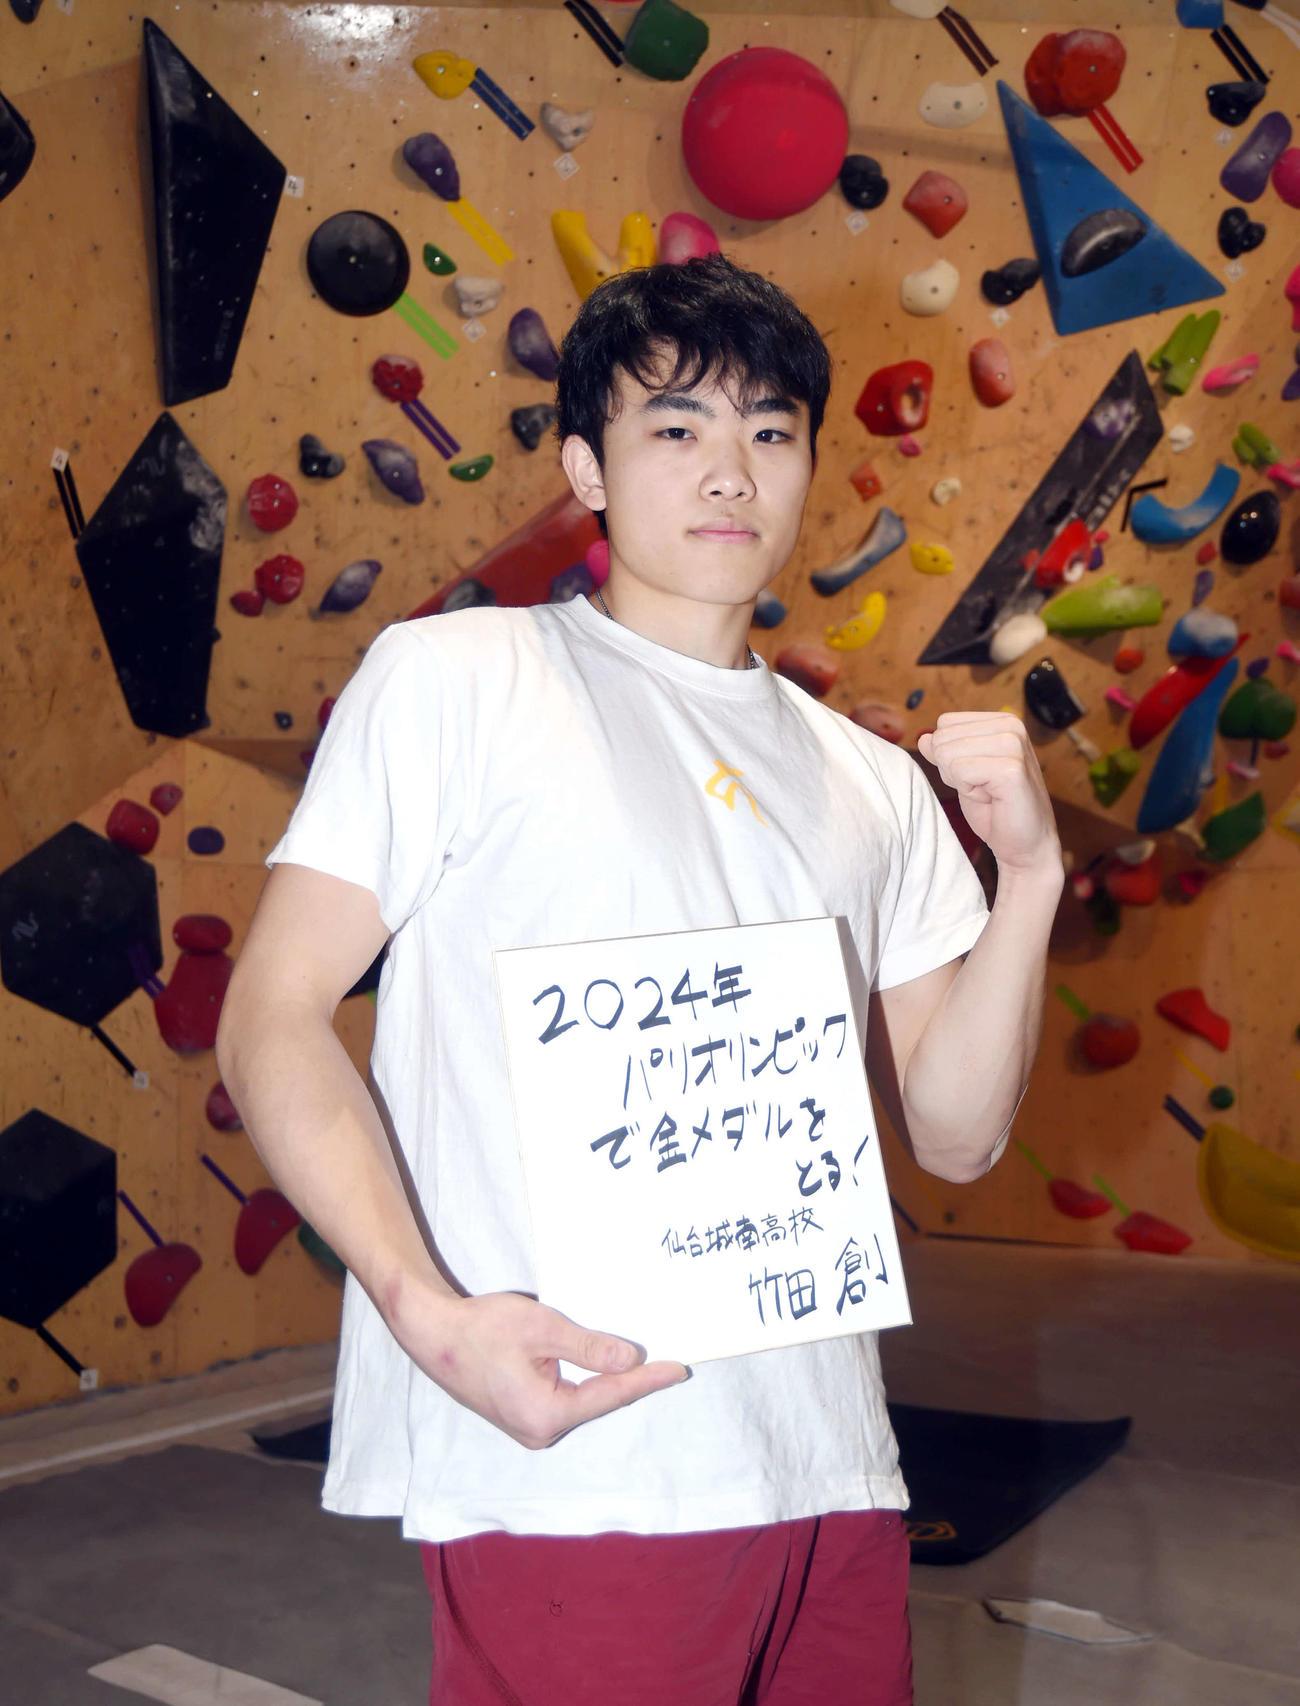 色紙に「2024年パリオリンピックで金メダルをとる!」と目標を記した仙台城南・竹田